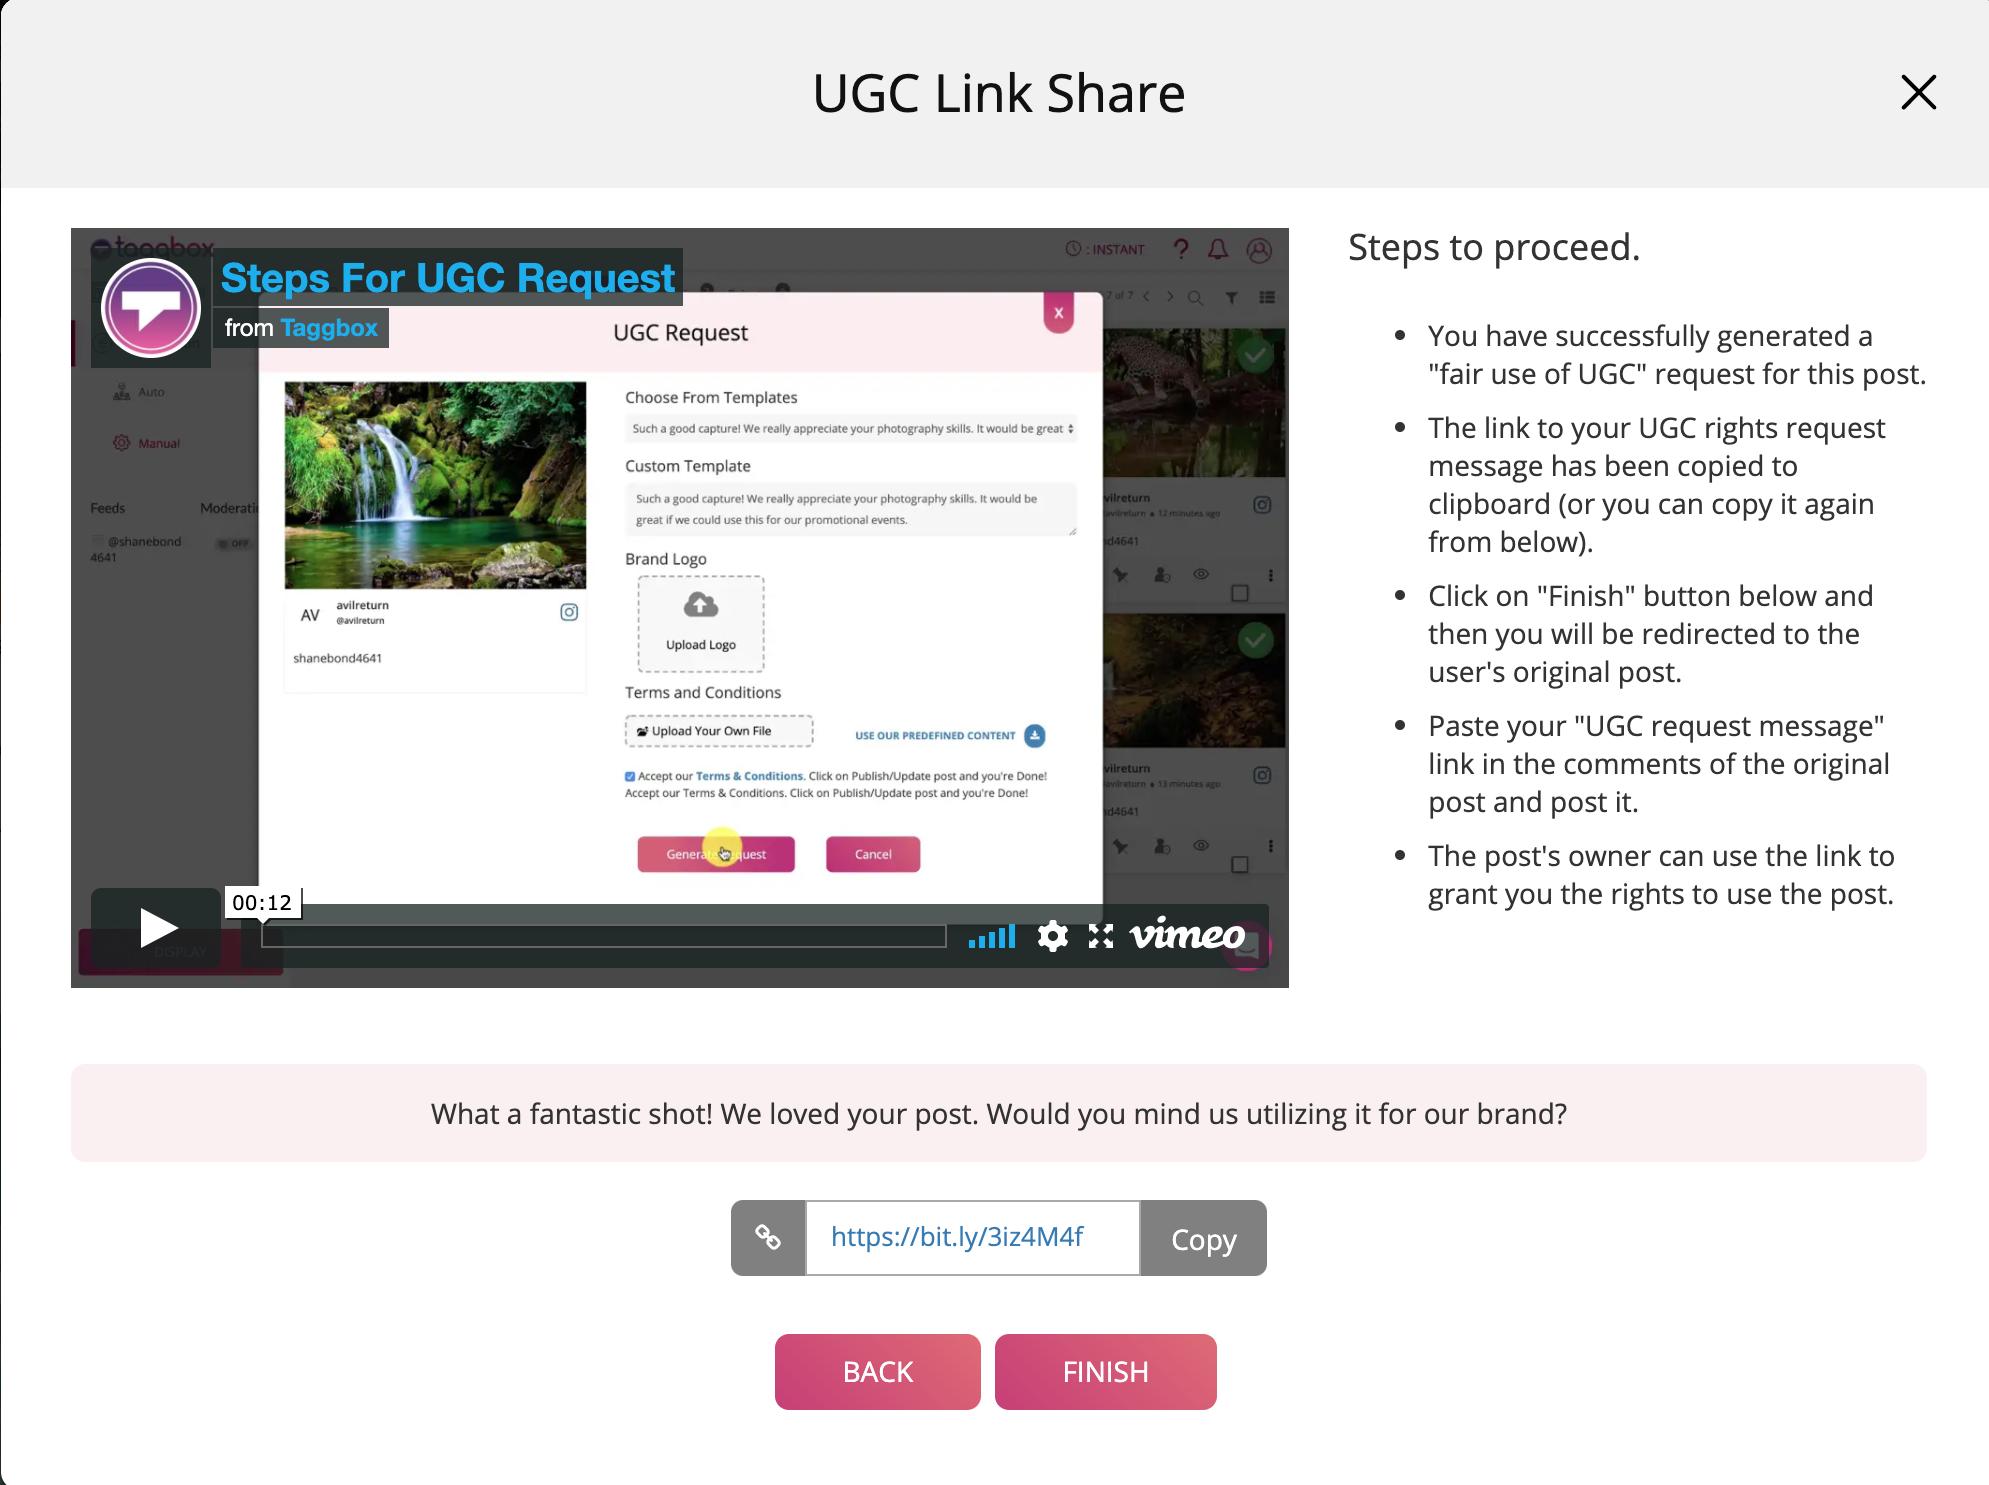 UGC Link